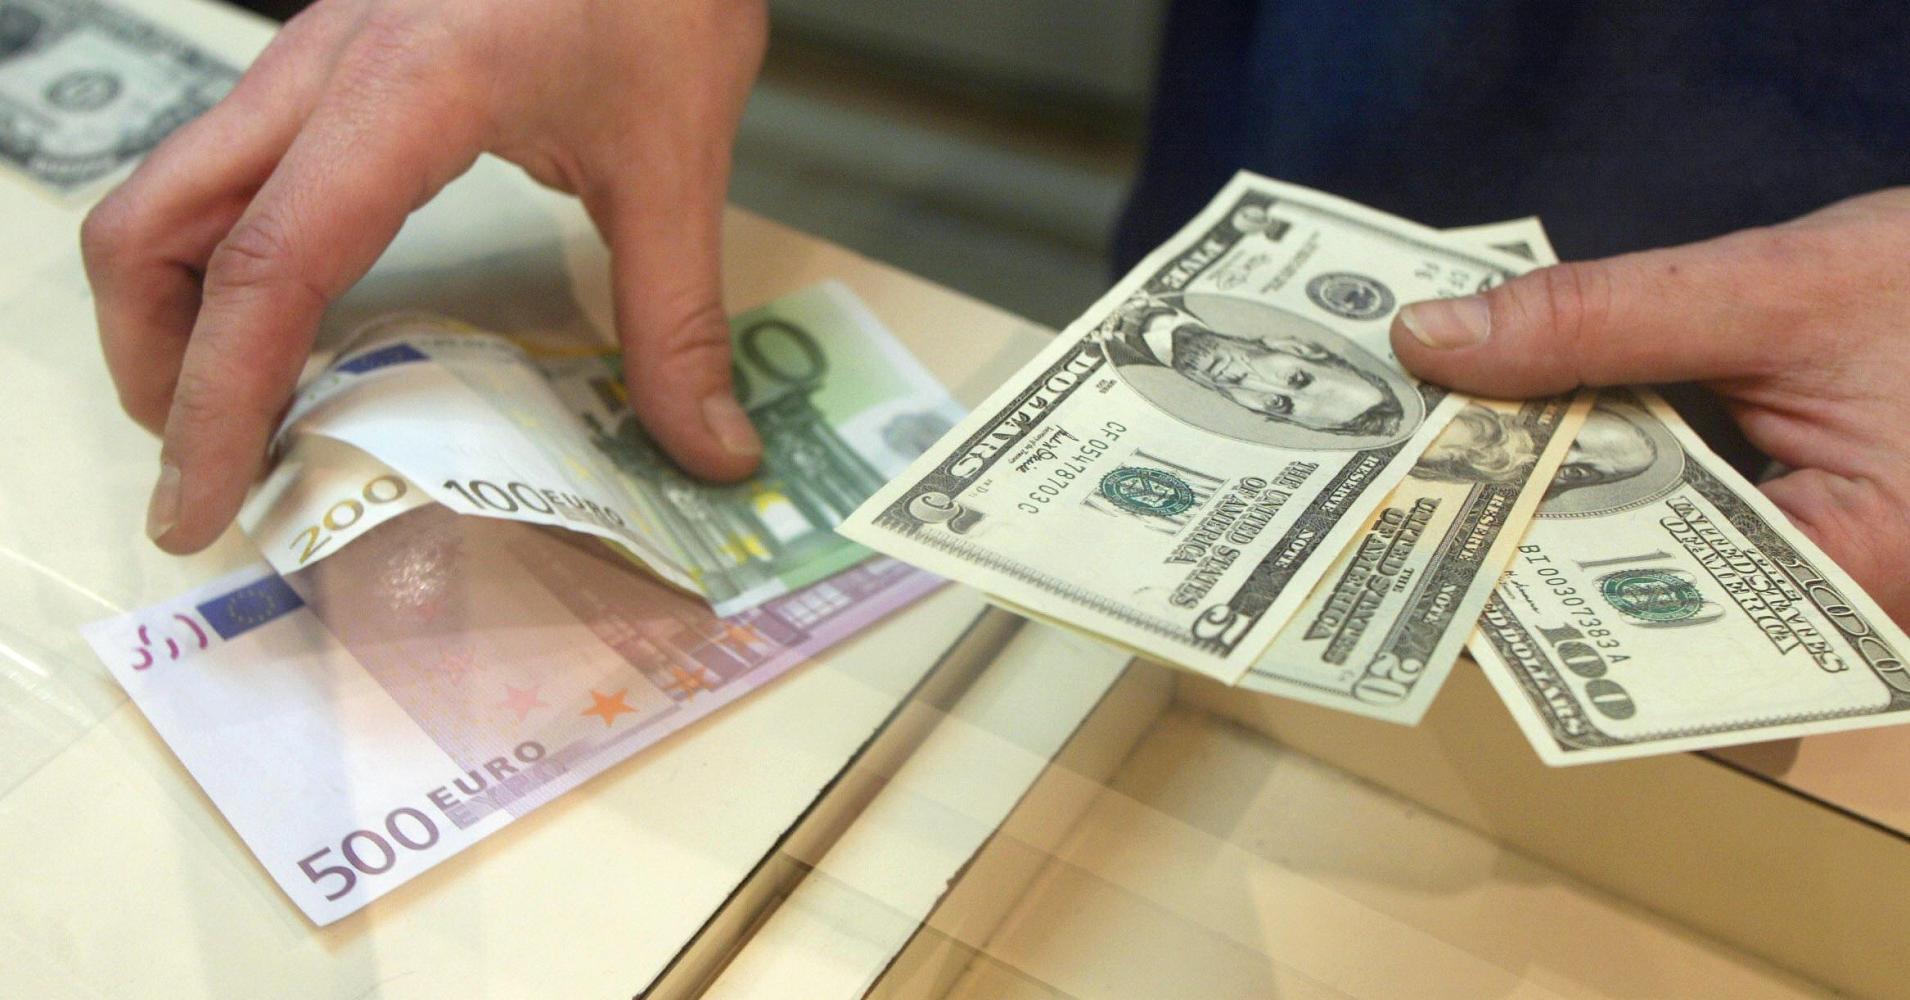 نرخ ۲۳ ارز کاهش یافت/ دلار به نرخ ۱۲۷۵۰ تومان فروخته شد